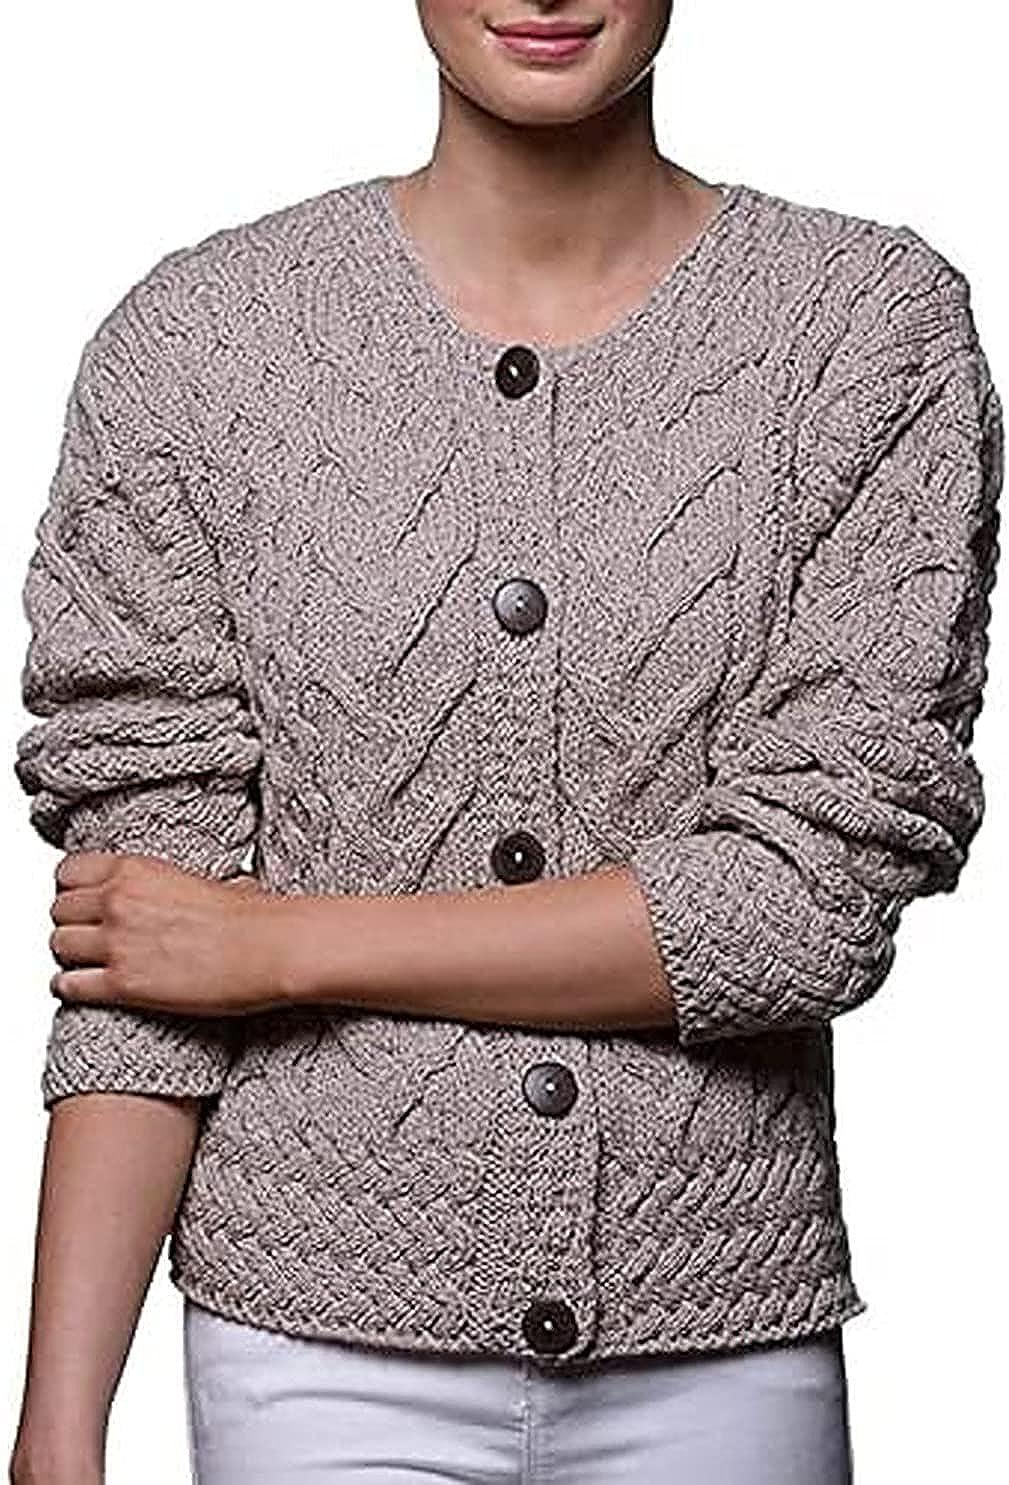 Ladies Irish Merino Wool Cardigan Made in Ireland